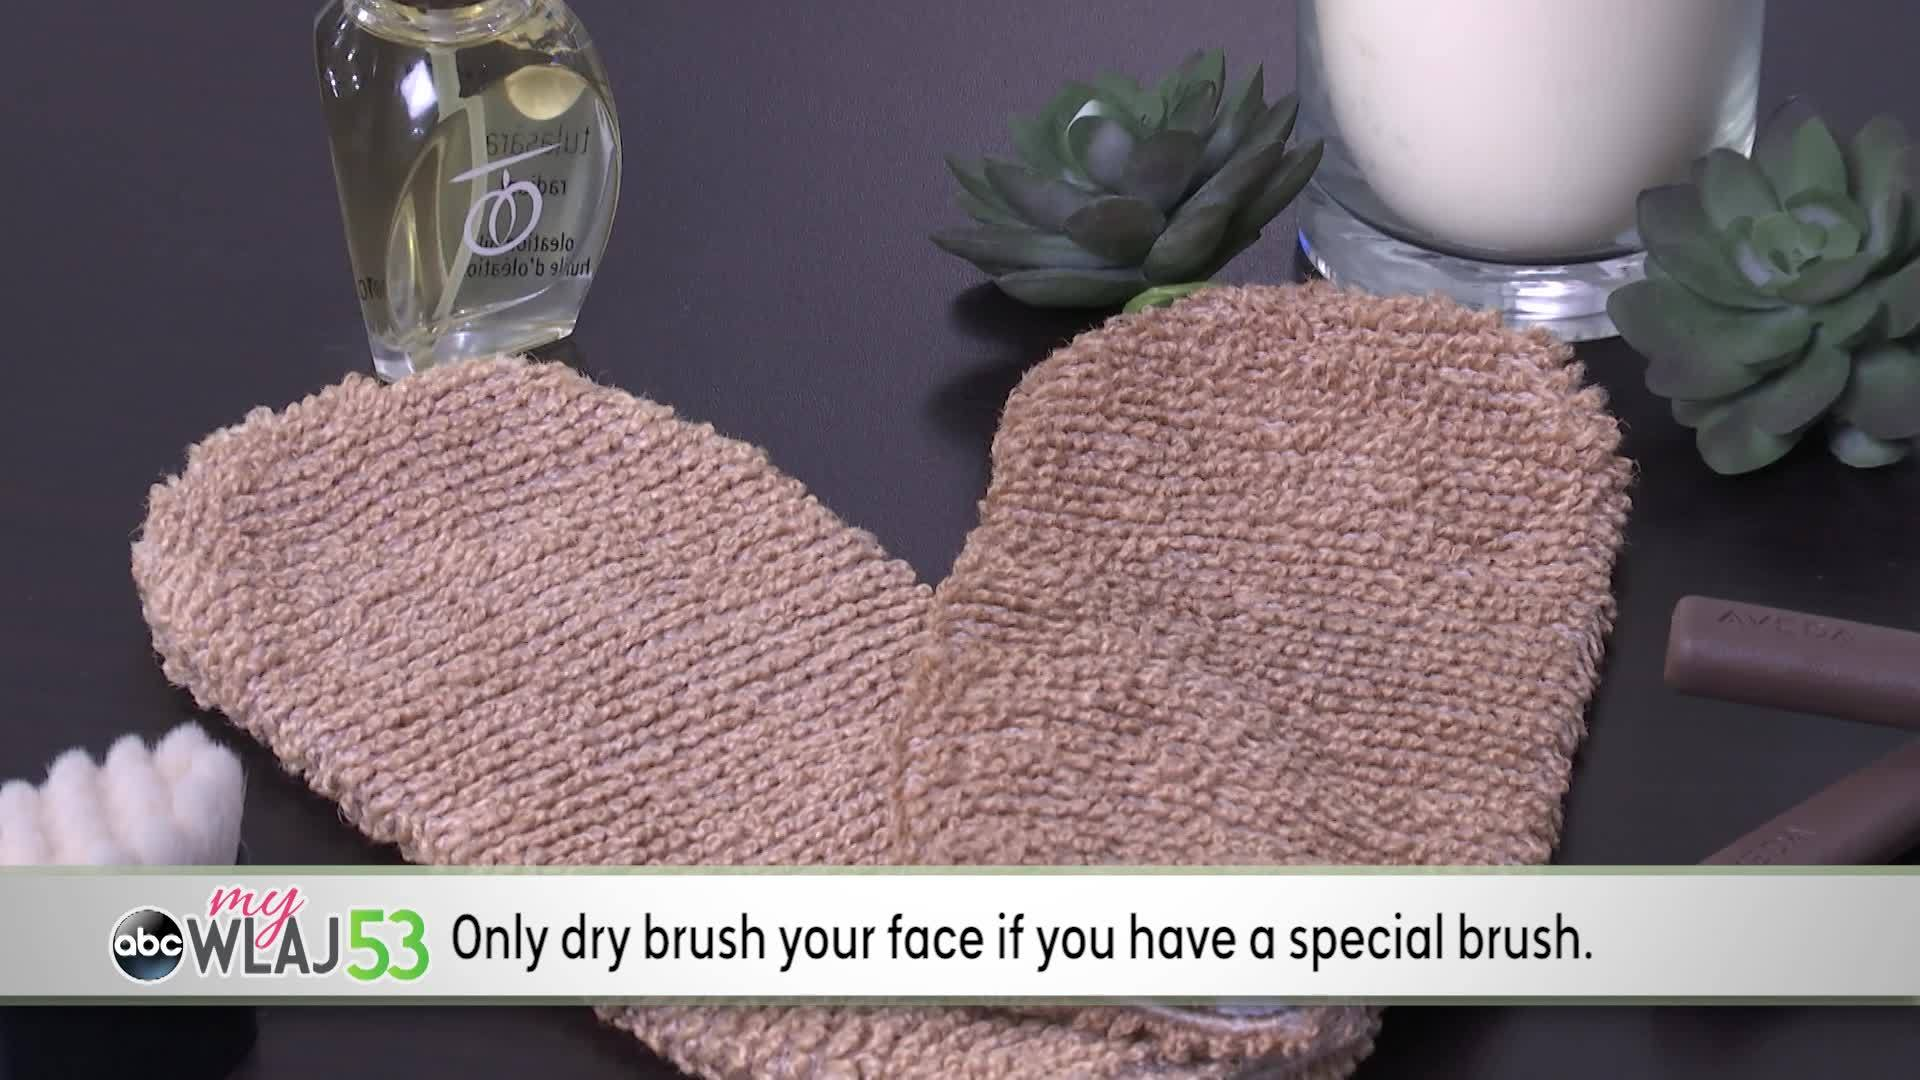 My Look | Dry Brush